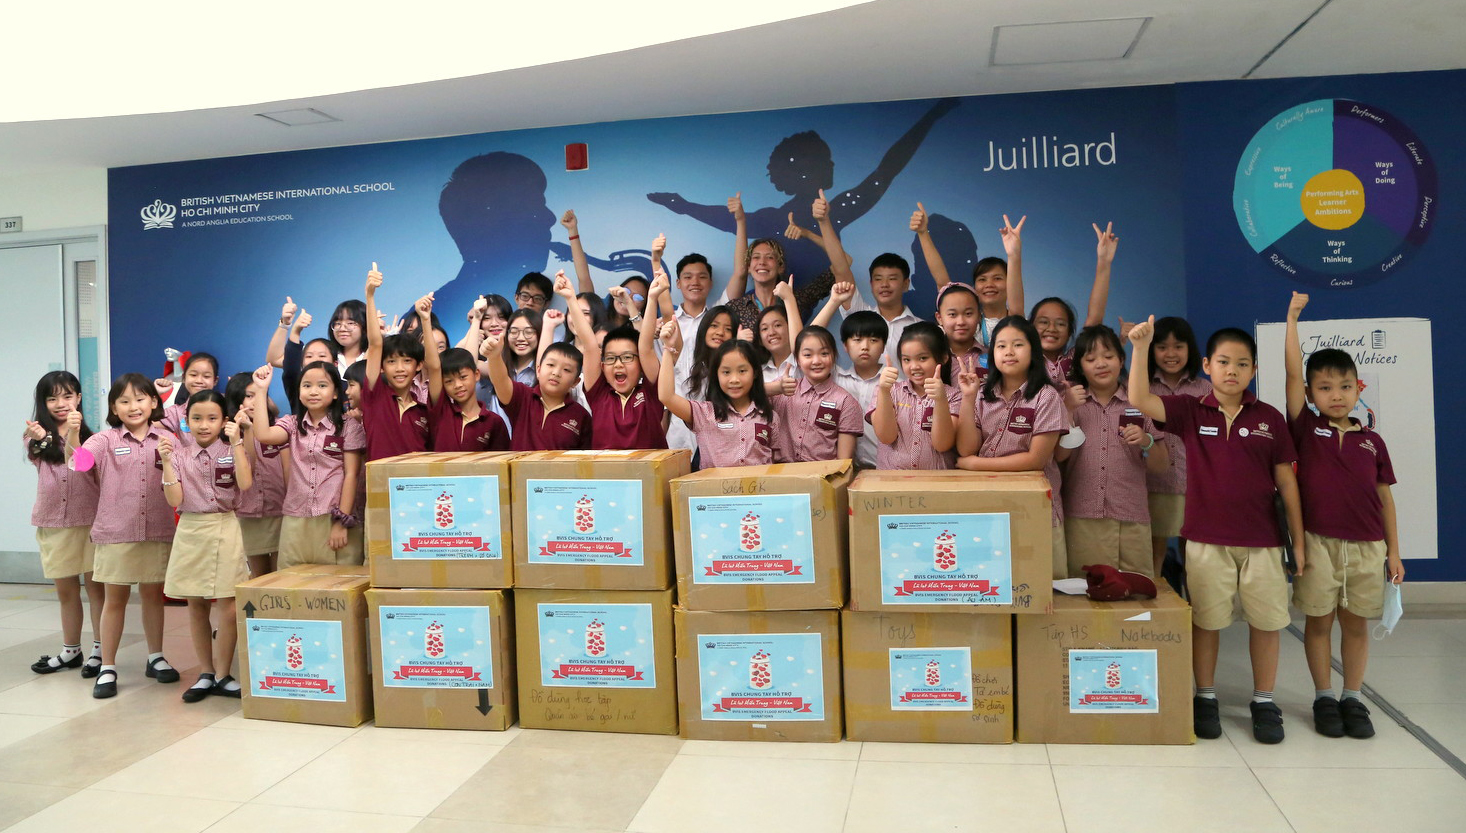 Giáo viên, học sinh trường Quốc tế Anh Việt (BVIS) TP HCM gửi quà cứu trợ đến người dân Miền Trung bị lũ lụt vào năm 2020.